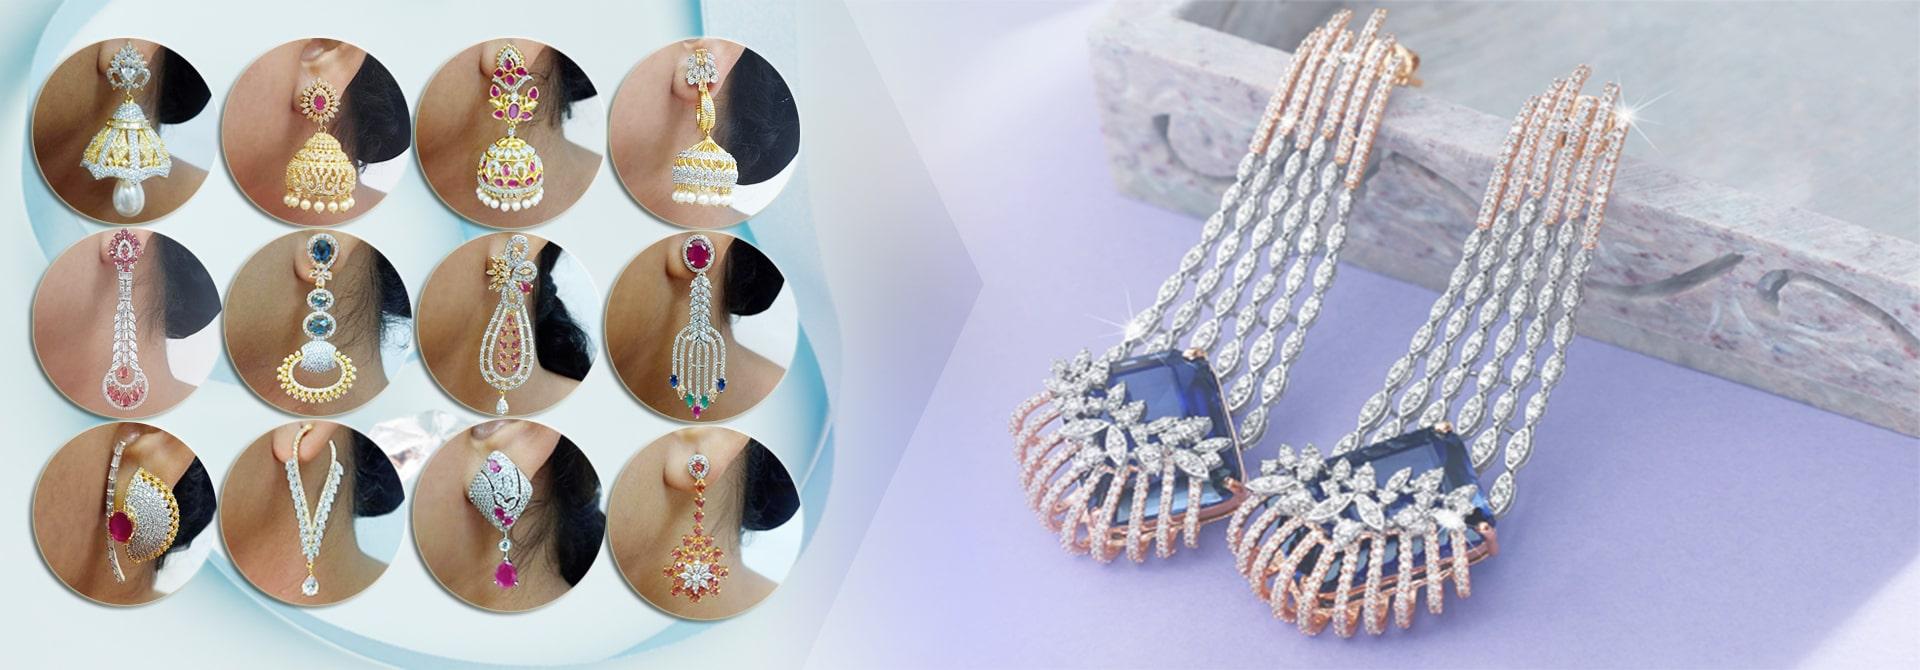 CZ Earrings & AD Earrings